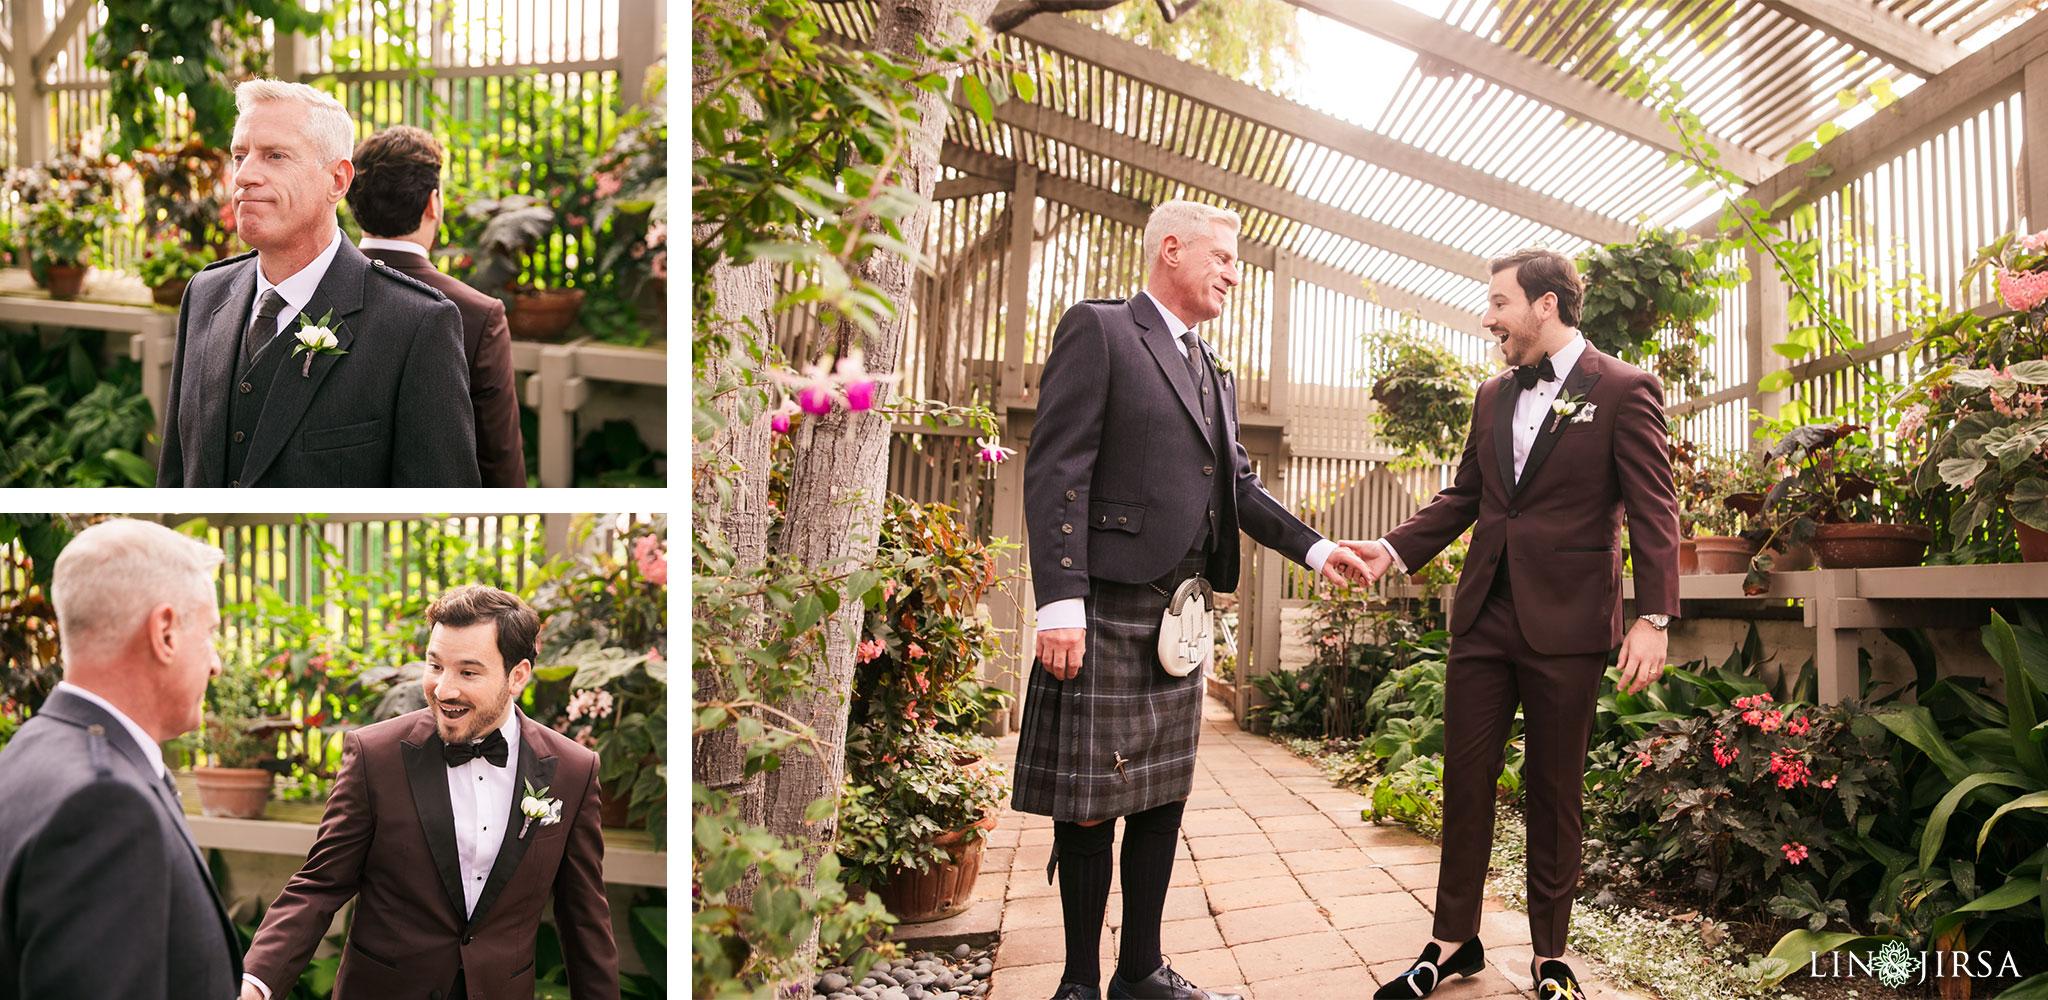 08 sherman library gardens corona del mar same sex wedding photography